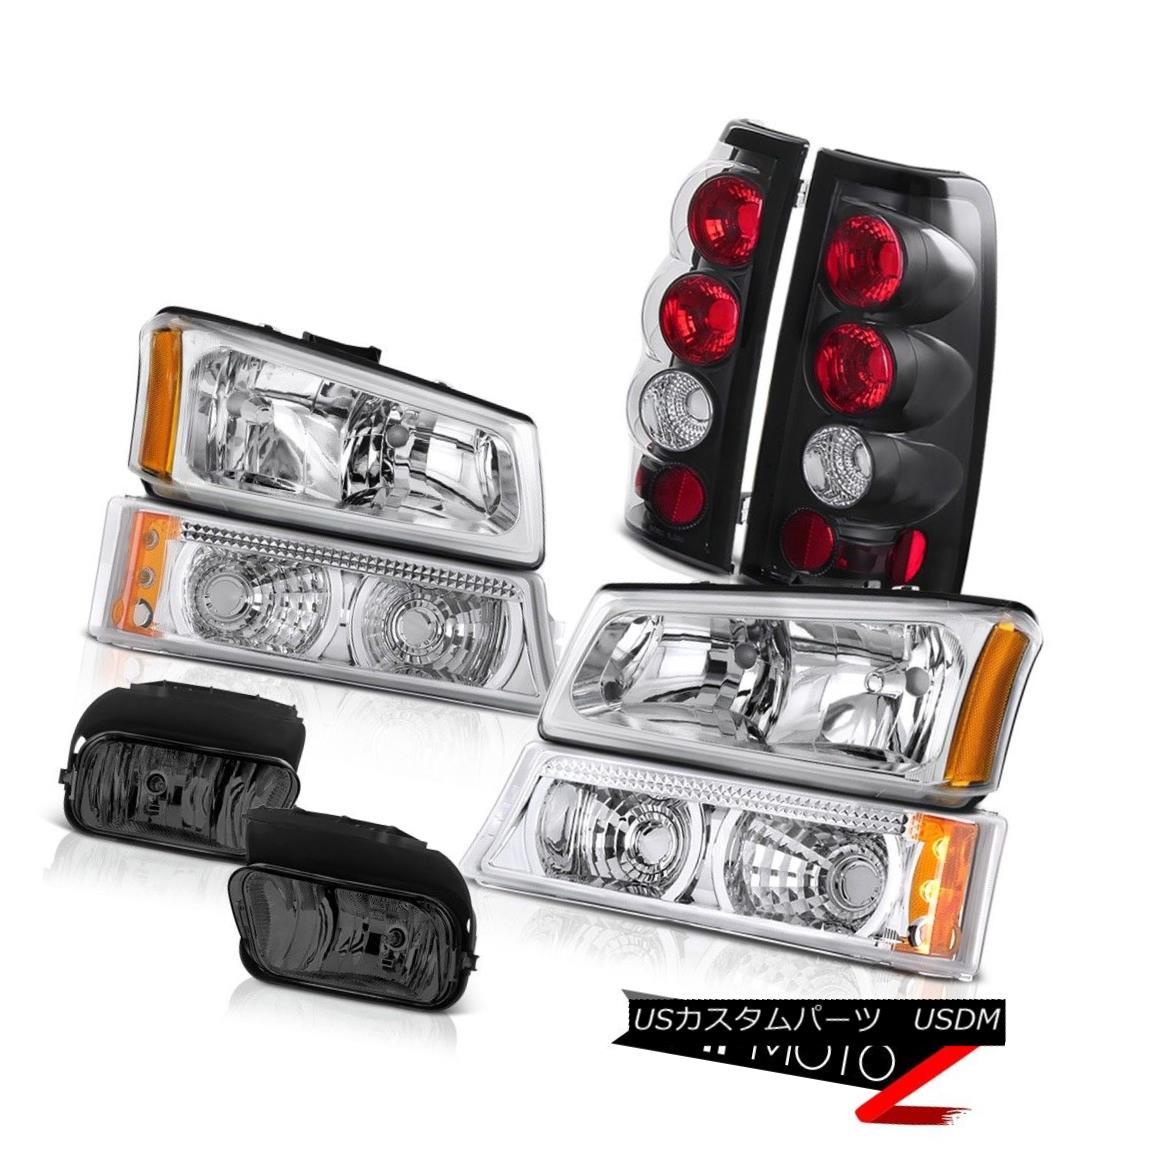 ヘッドライト 03-06 Silverado DuraMax 6.6L Left Right Headlights Black Euro Tail Light Foglamp 03-06 Silverado DuraMax 6.6L左ライトヘッドライトブラックユーロテールライトフォグライト